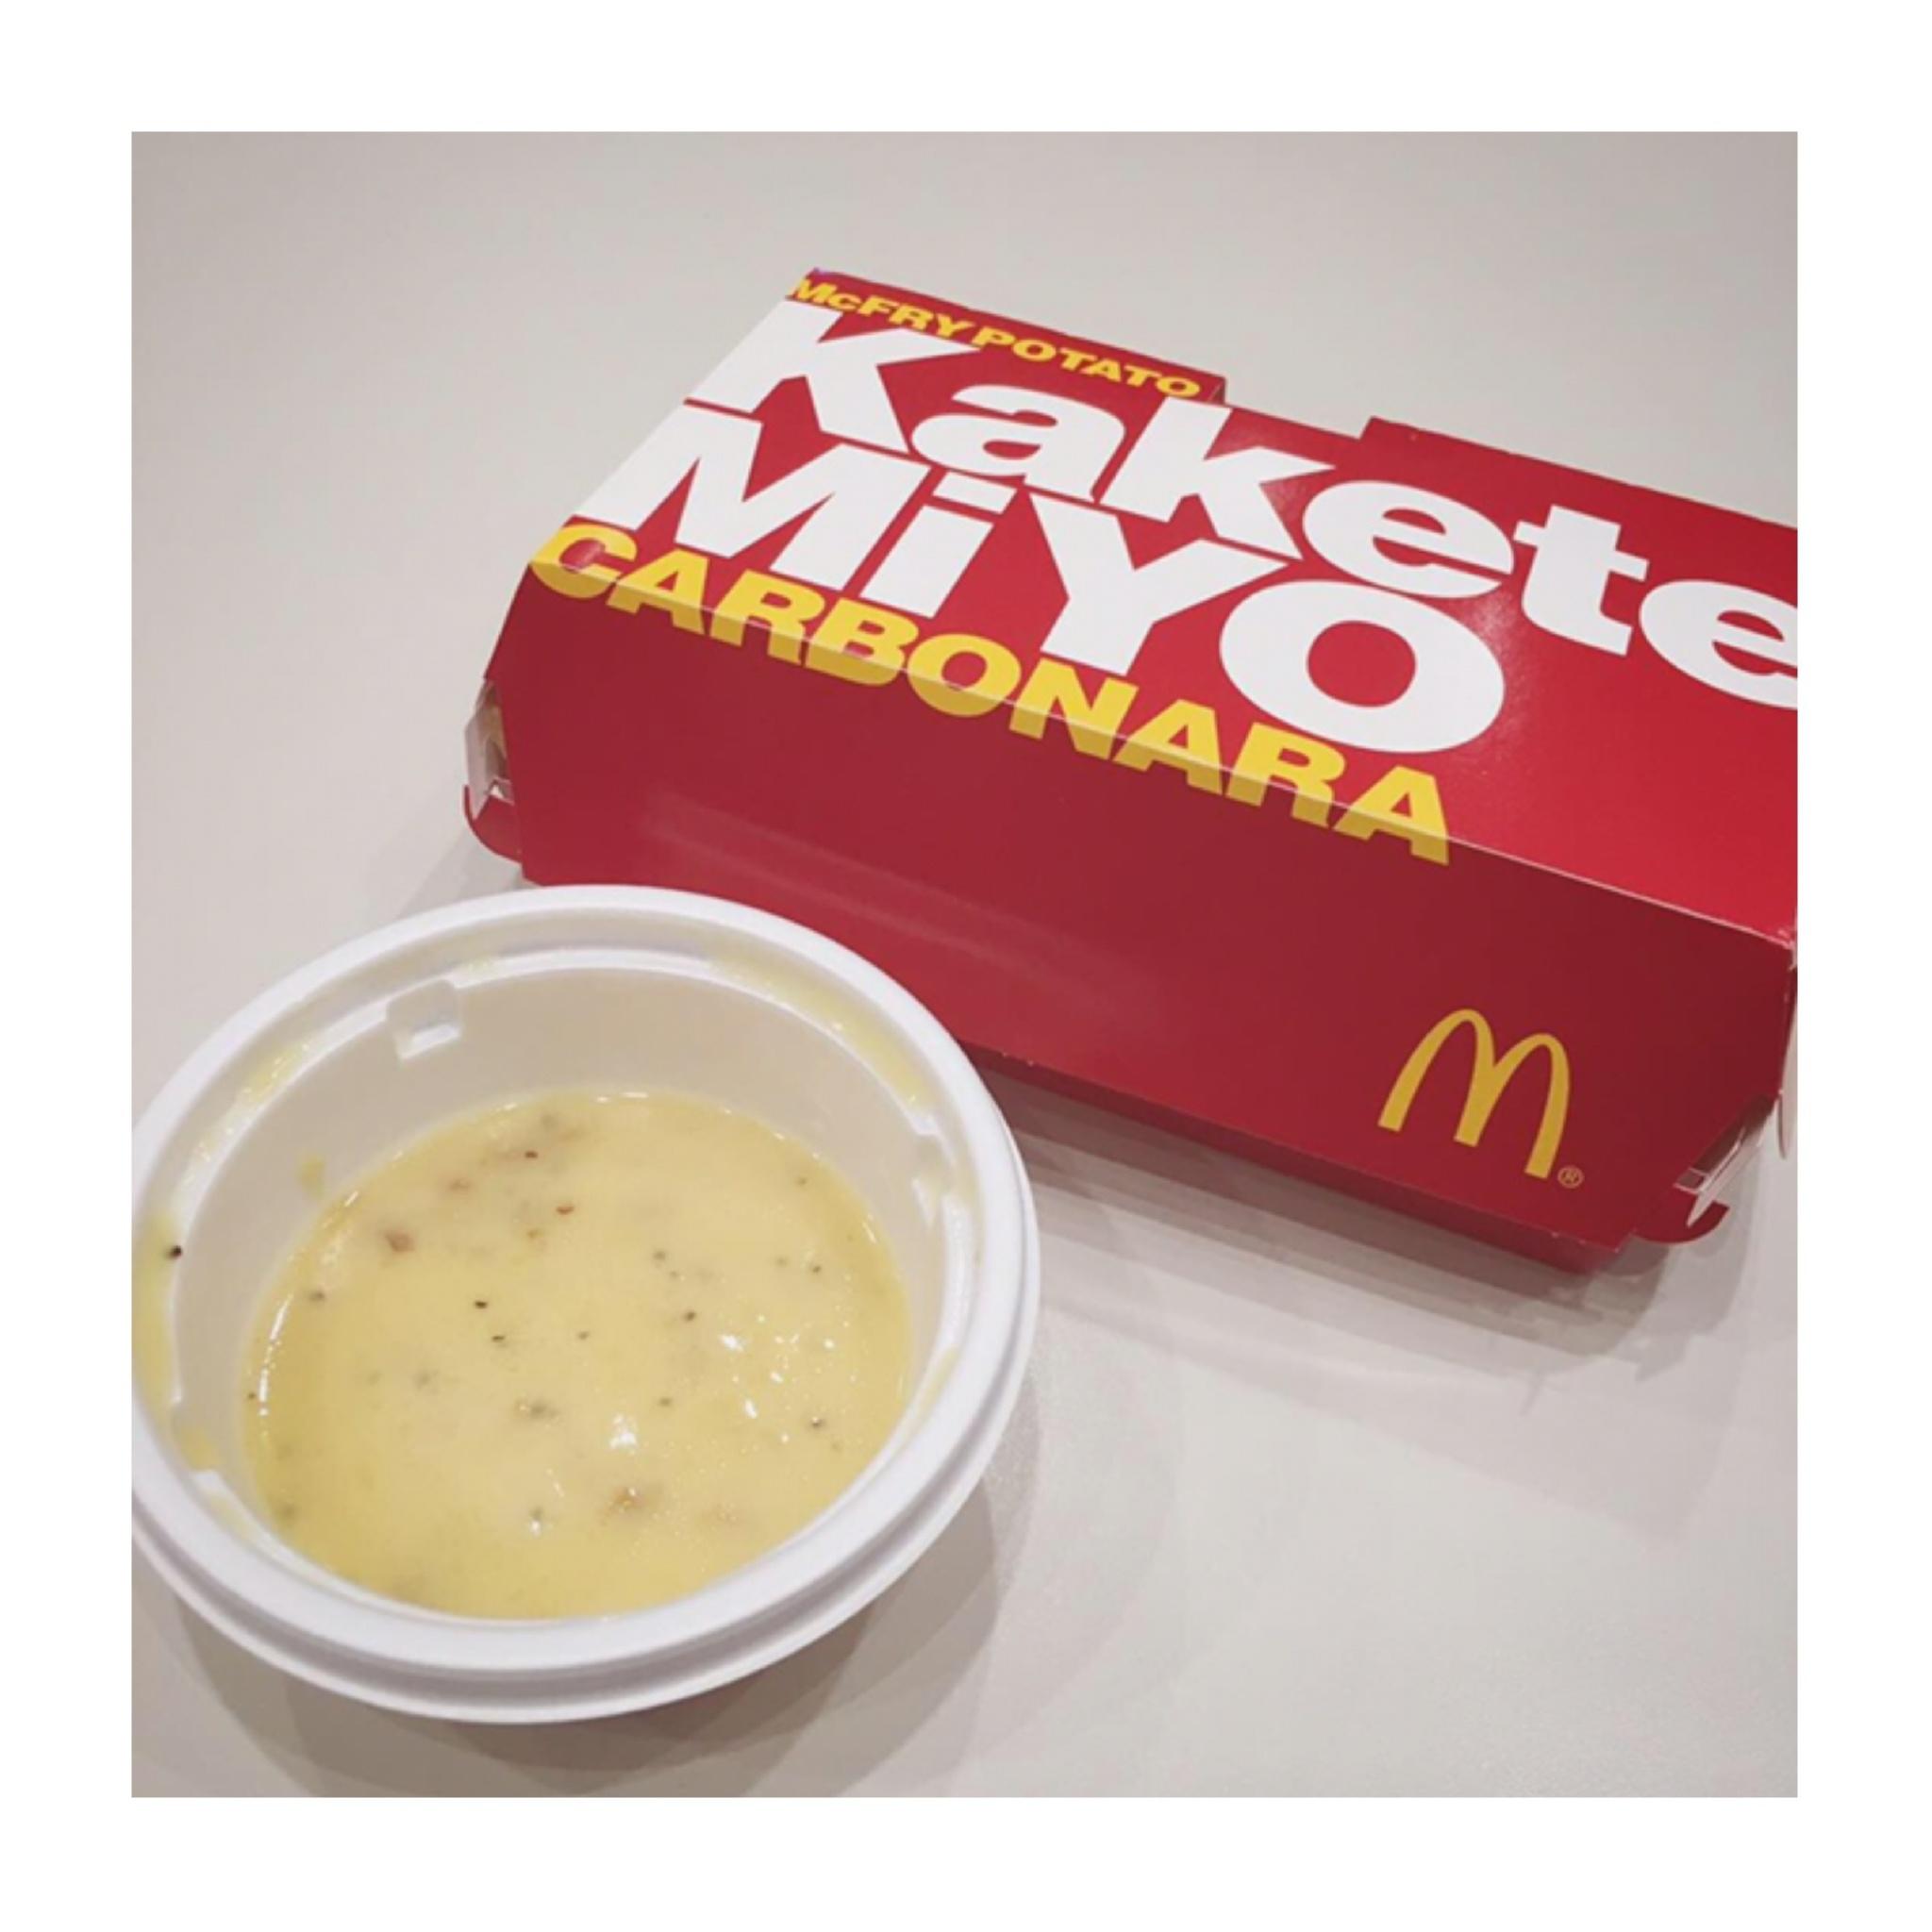 《本日10/19から期間限定発売❤️》【マクドナルド】ポテト×カルボナーラソースの#カケテミーヨが美味❤︎_4